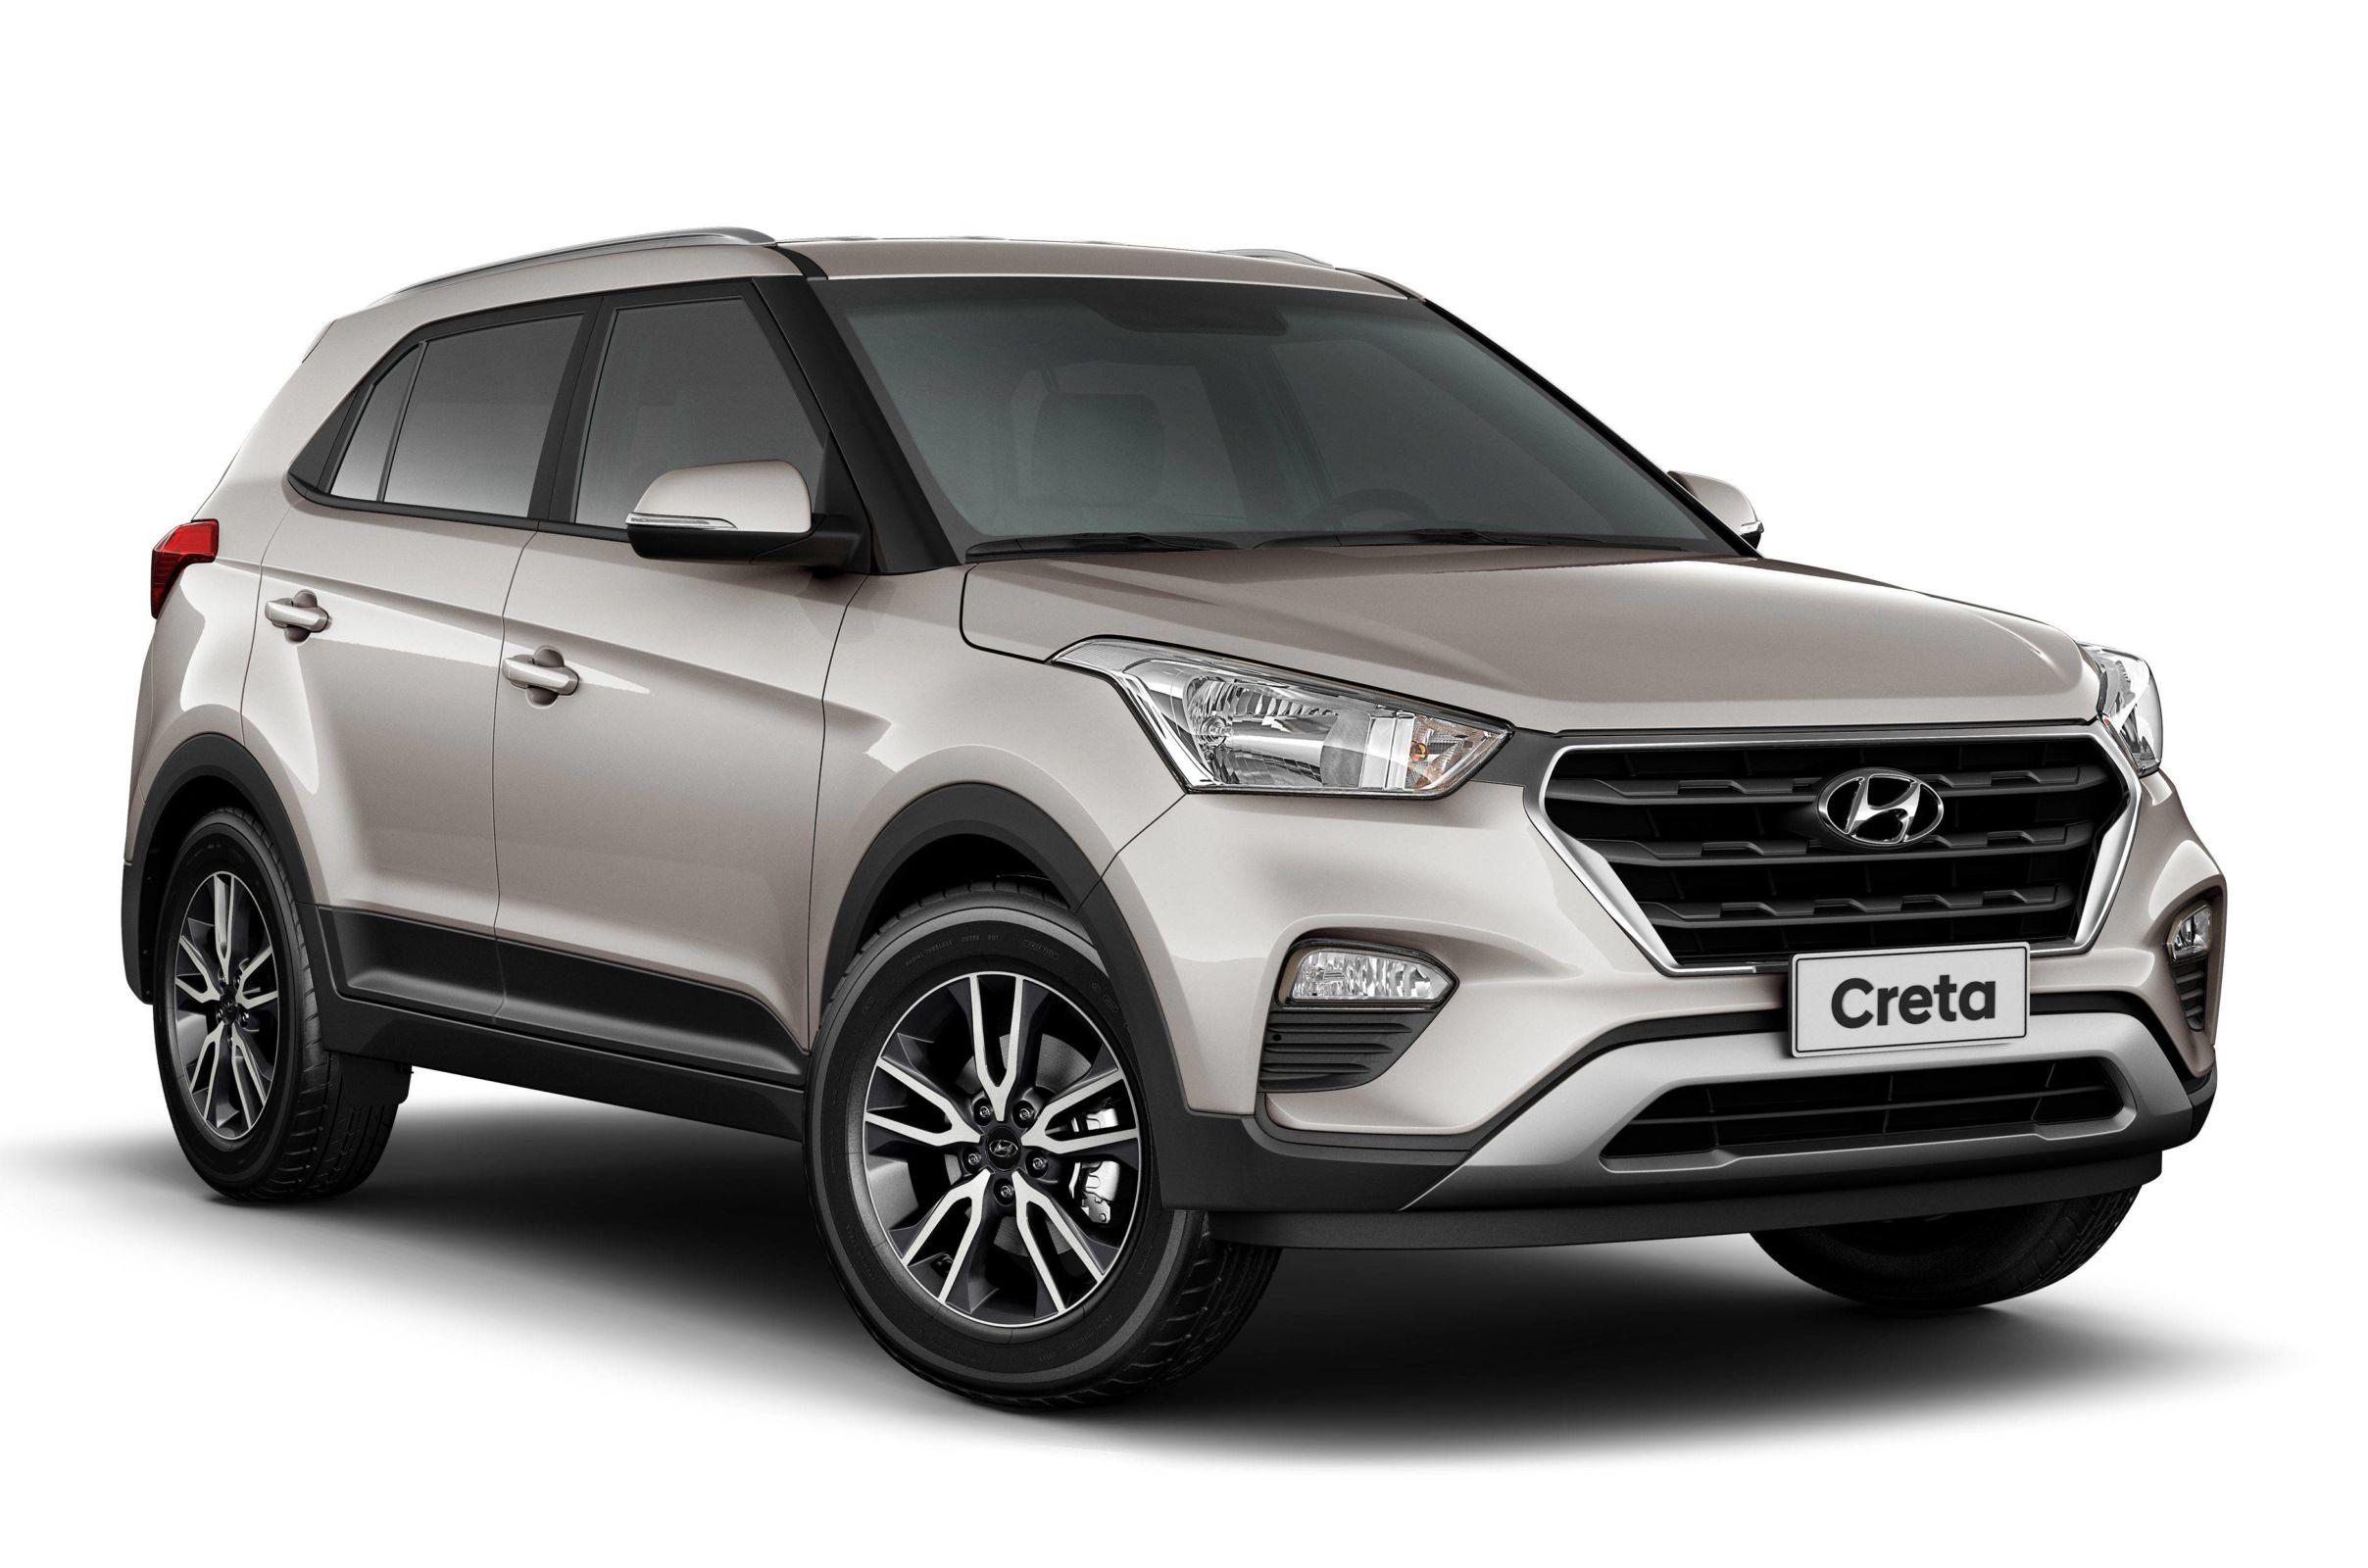 hyundai_creta_pulse_plus_prata_moonlight-e1502742983598 Será que você está pretendendo trocar de carro? Carros em promoção: 8 modelos que têm descontos na linha 2019...